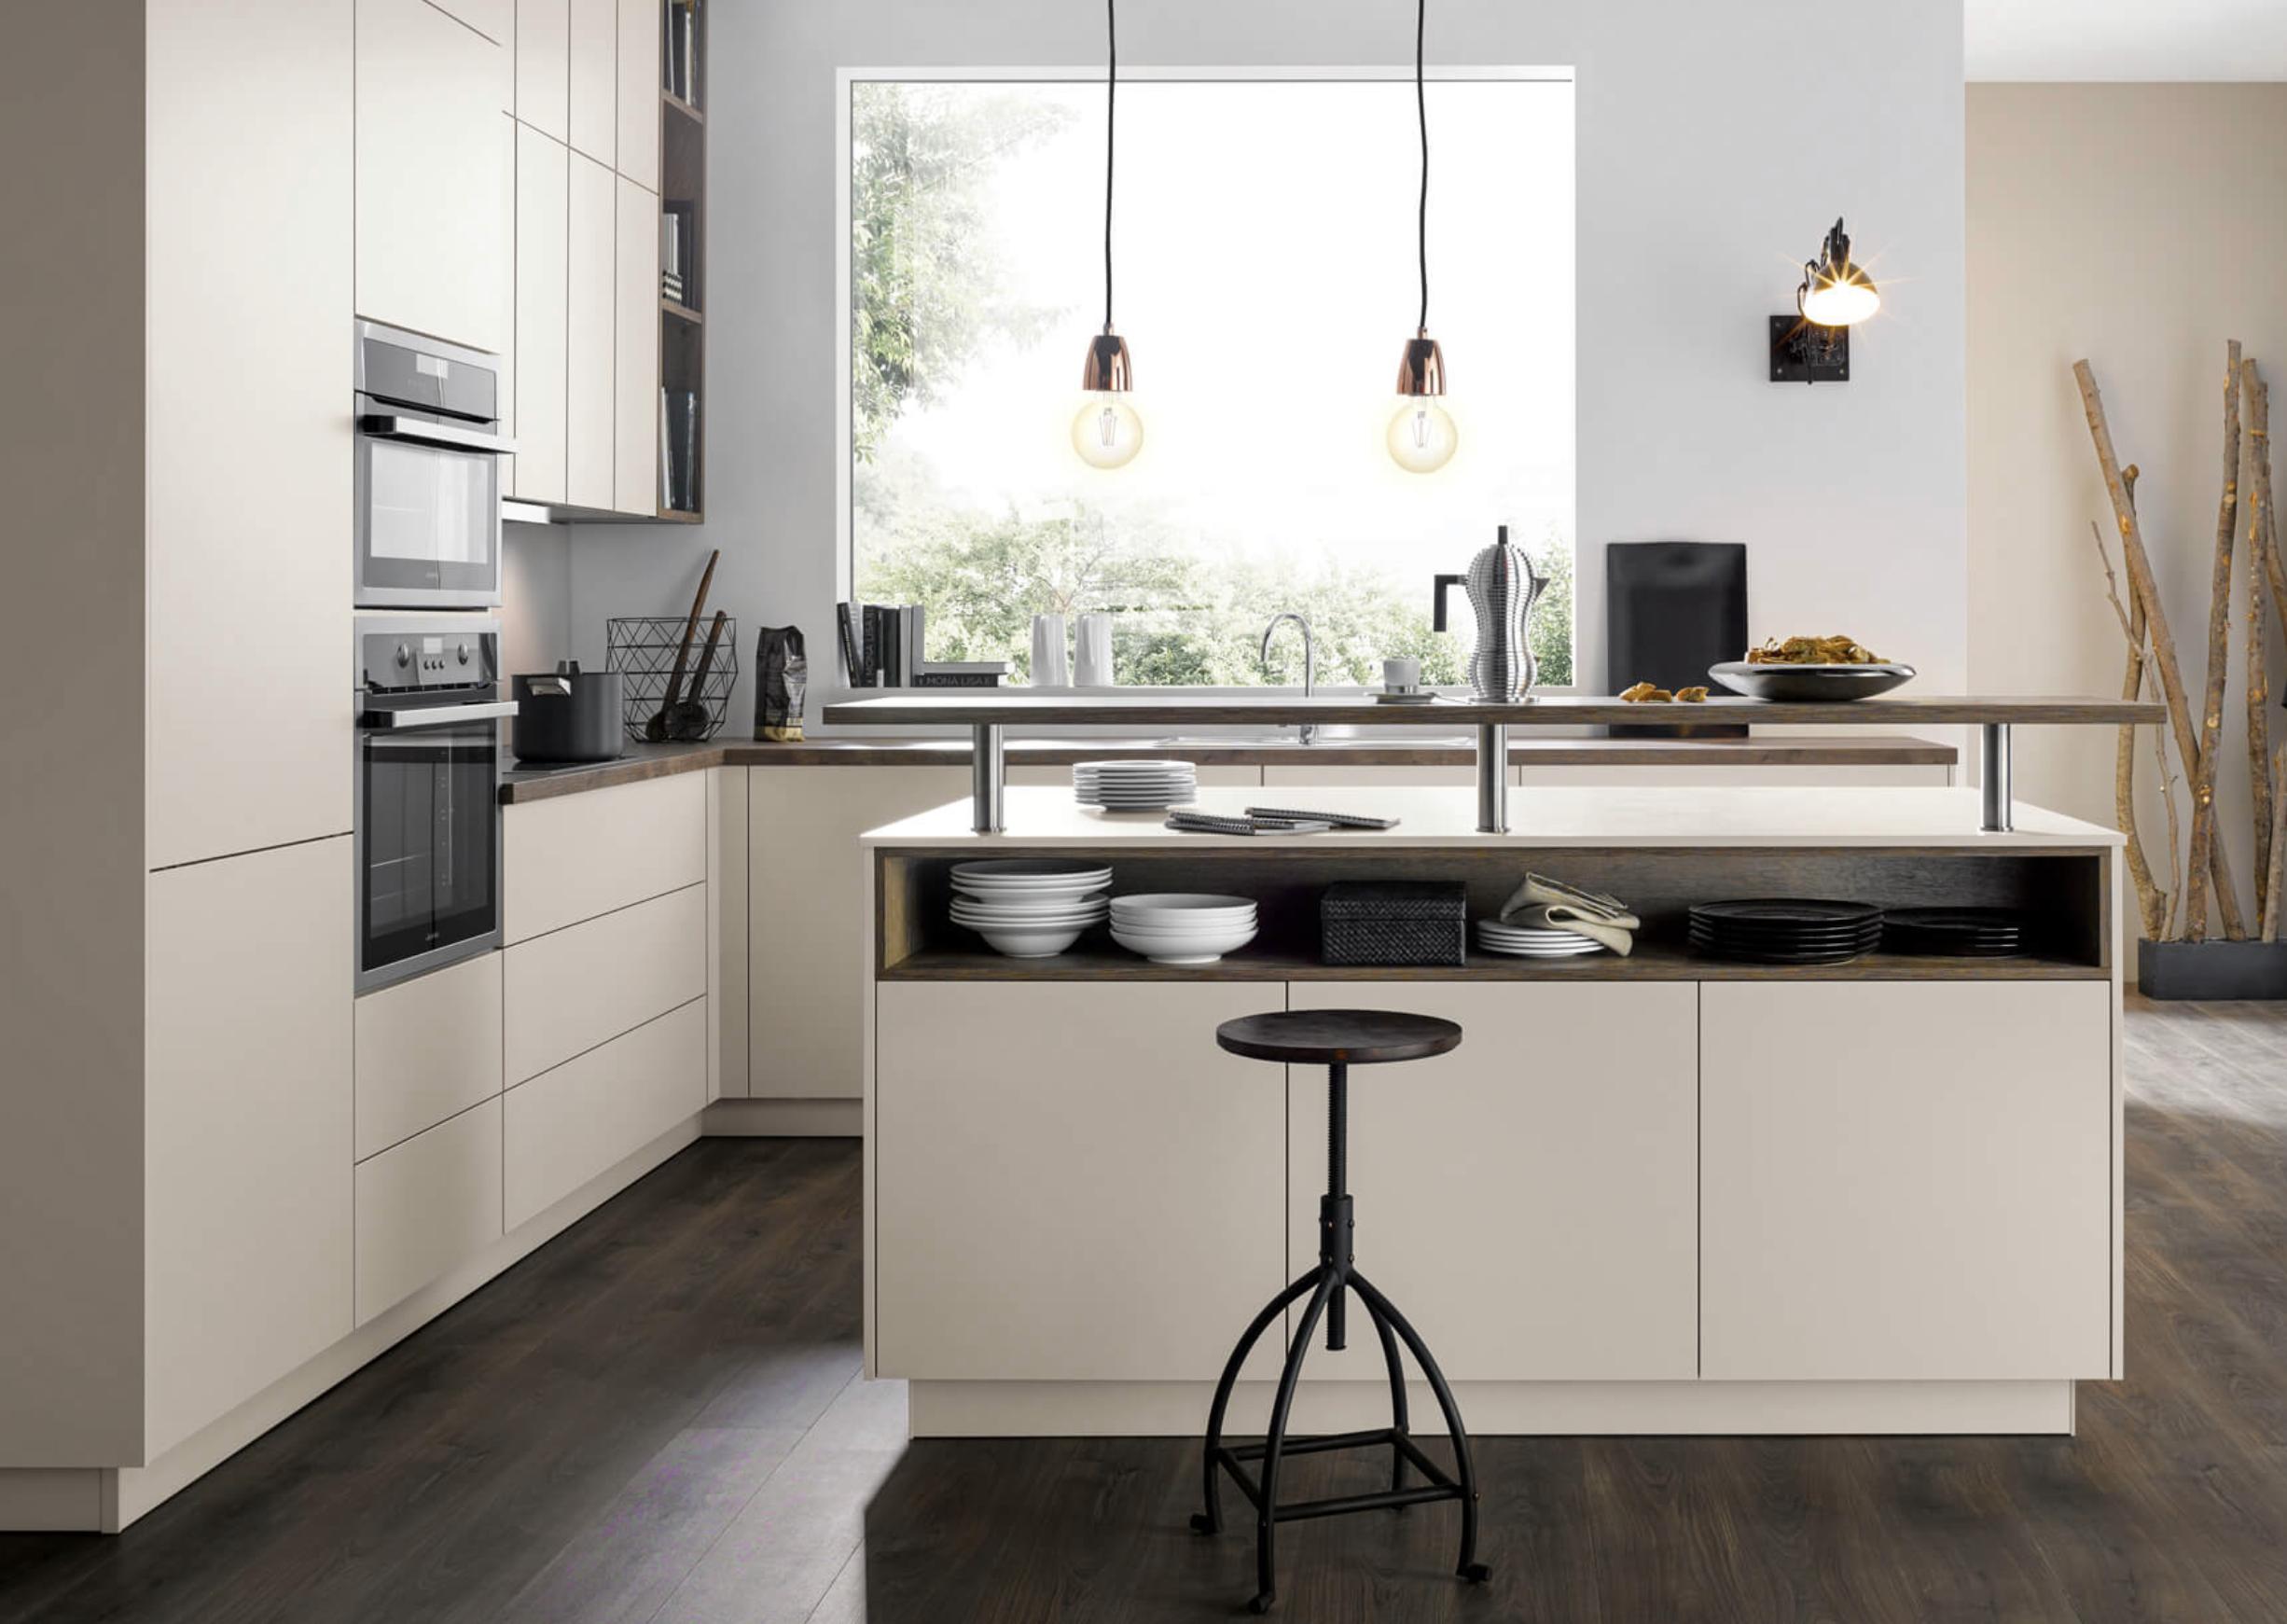 Küche: Spüle am Fenster  Inselküche, Kleine offene küchen